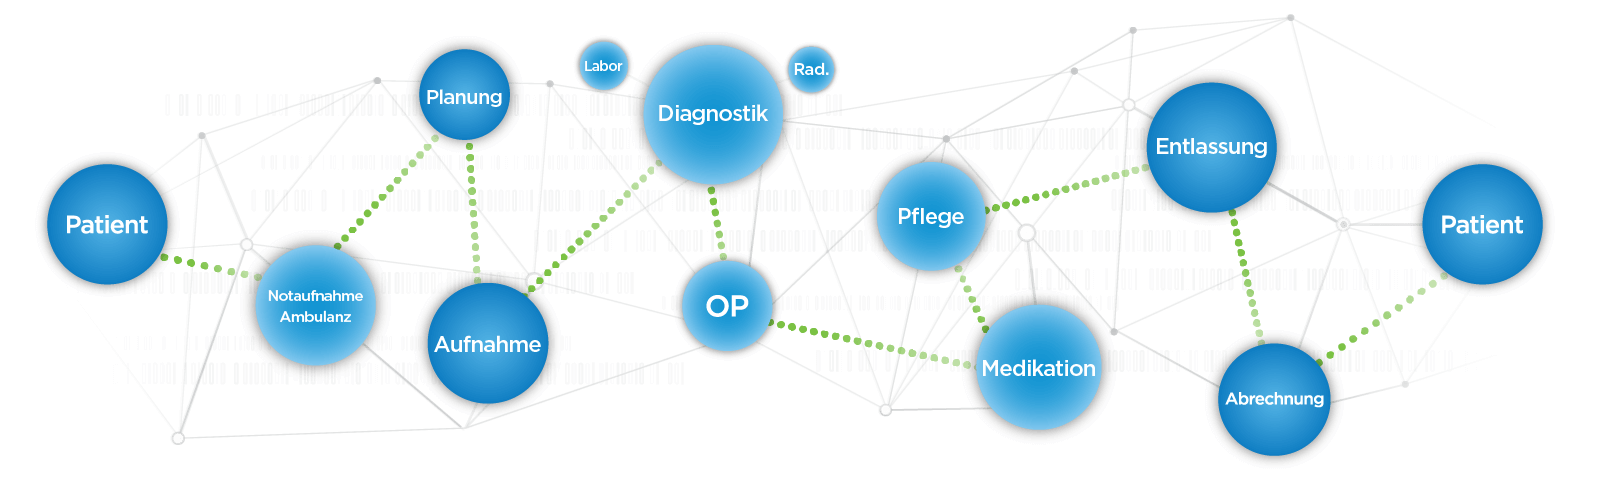 Das Kontinuum der Patientenbehandlung